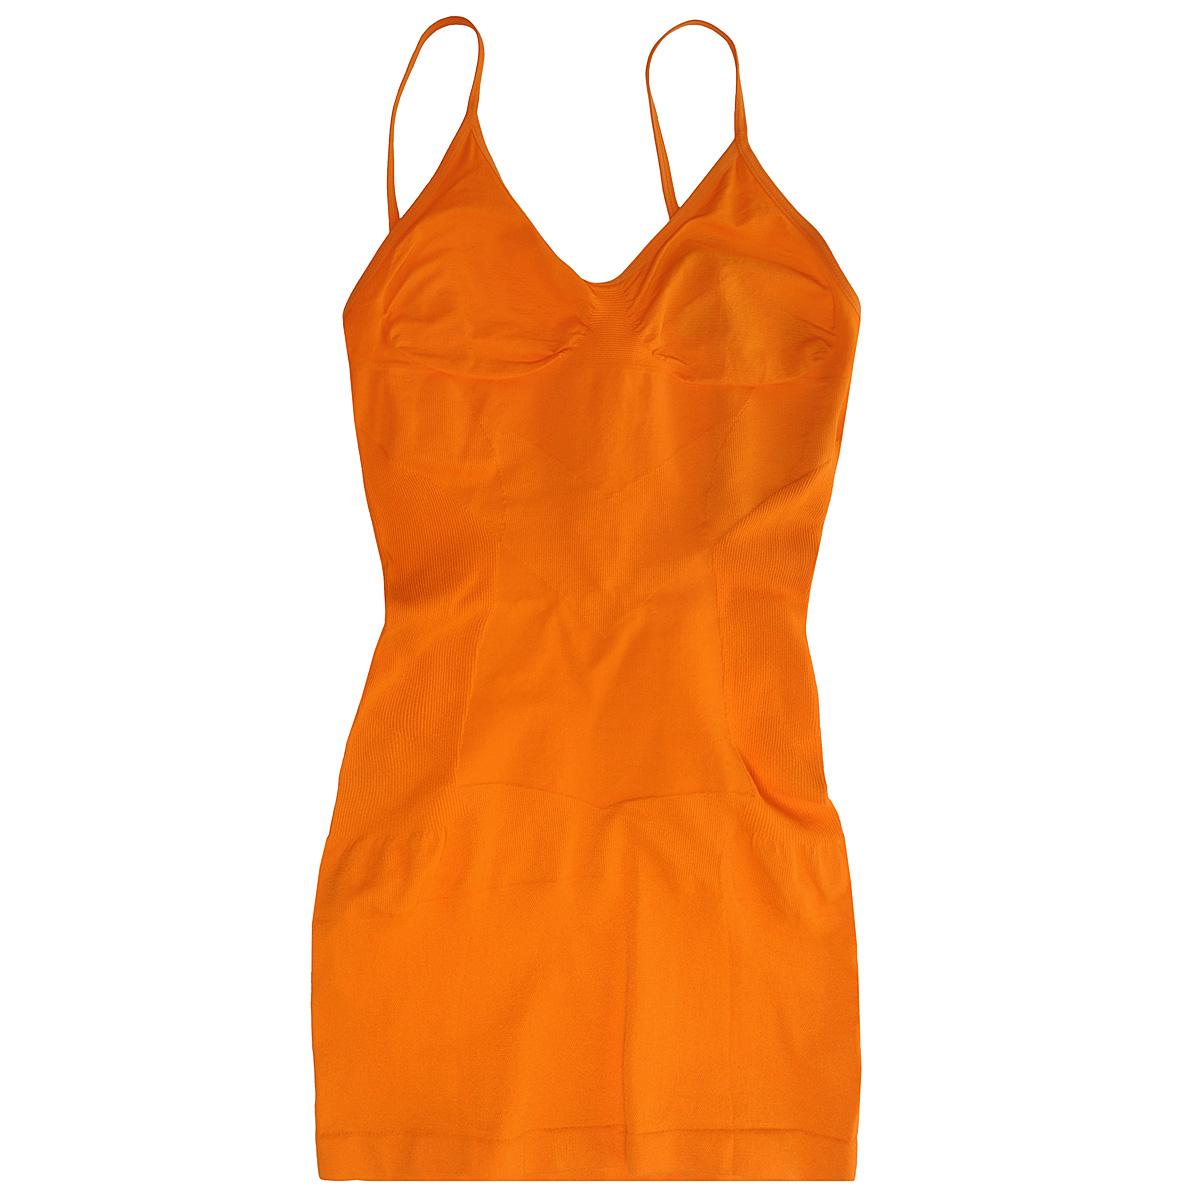 Майка женская Magic BodyFashion Slimming Cami, бесшовная, цвет: оранжевый. 40CM. Размер S (44)40CMКорректирующая бесшовная майка Magic BodyFashion Slimming Cami очень удобная и комфортная в носке. Модель на тонких регулируемых бретелях, зона лифа не содержит каркасов. Крой майки необычен, благодаря чему ее невозможно заметить под любой одеждой, она практически не ощущается на коже, позволяет чувствовать себя комфортно и легко. Майка позволяет приобрести выразительные линии своего тела за считанные секунды (можно скрыть все лишнее). Белье Magic BodyFashion создано для тех, кто стремится к безупречности своего стиля. Именно благодаря ему огромное количество женщин чувствуют себя поистине соблазнительными, привлекательными и не на шутку уверенными в себе.